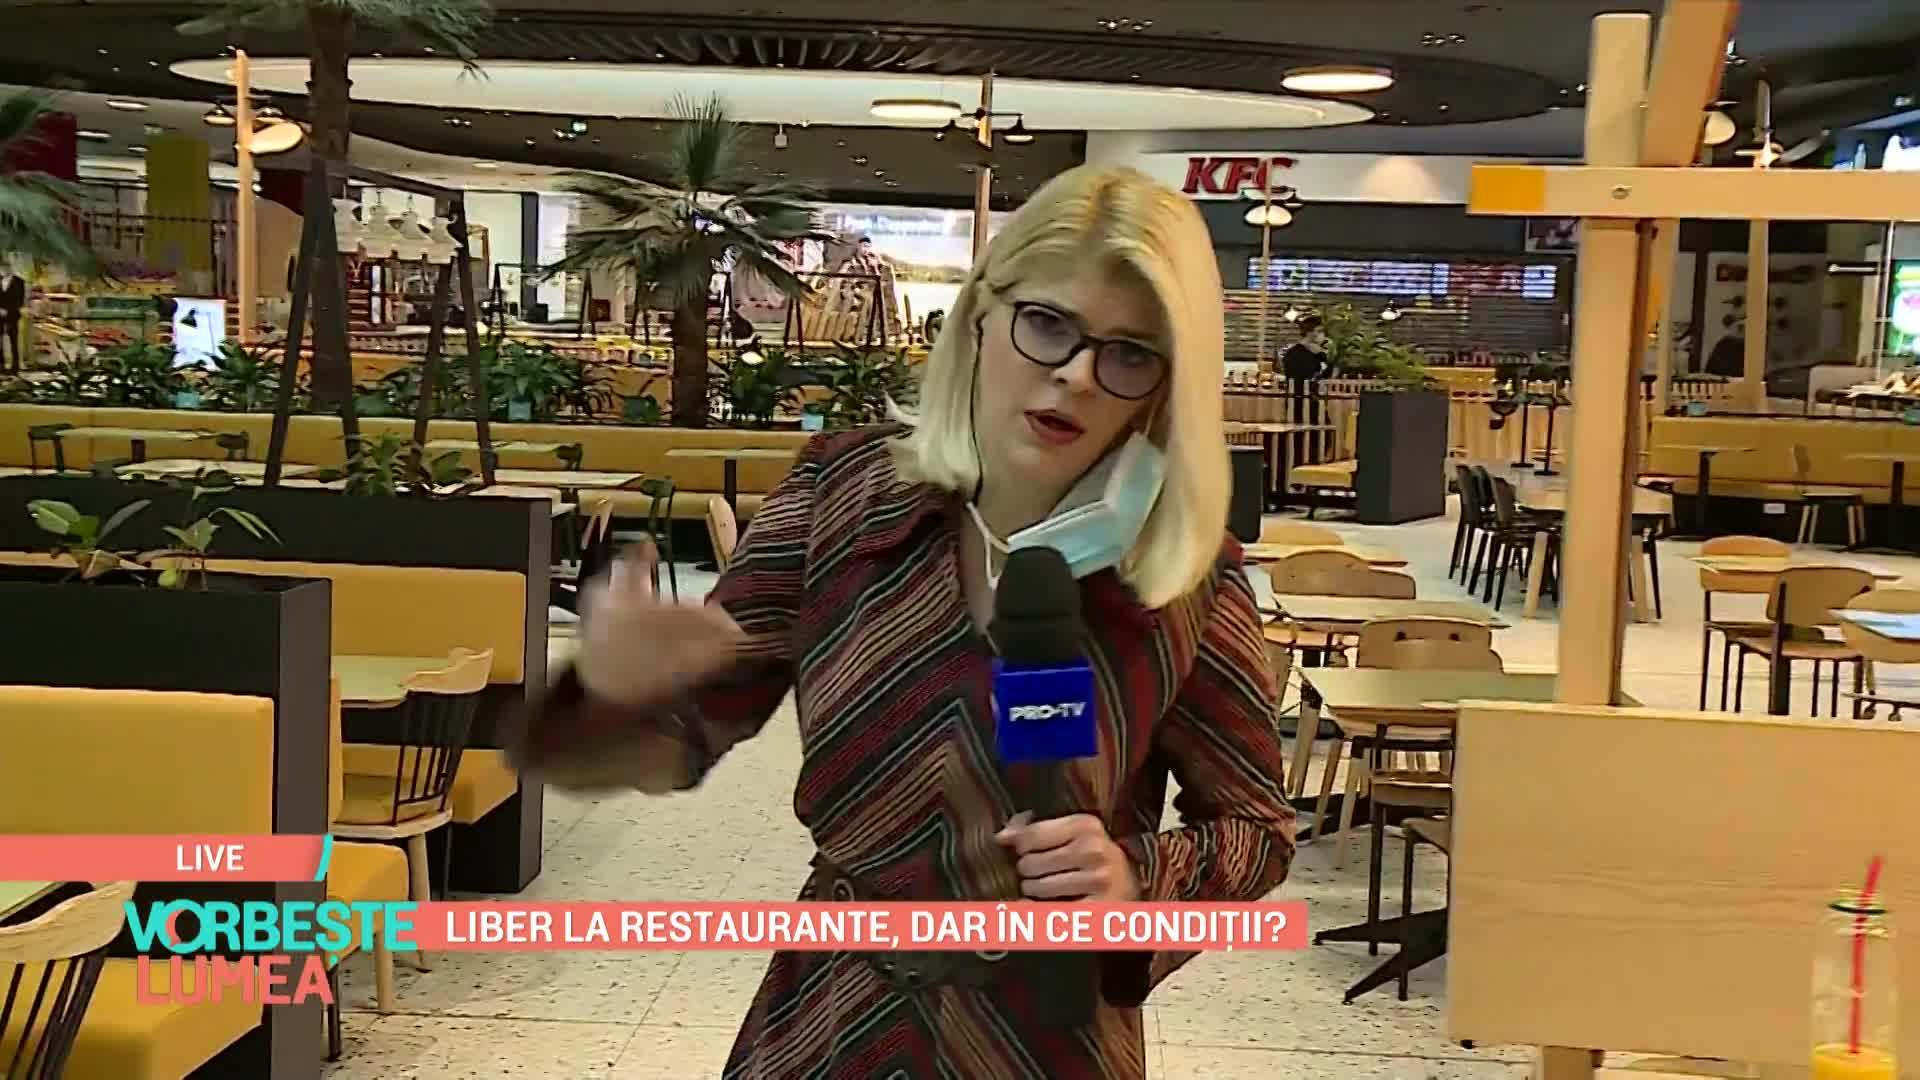 vbl260121_01_Liber_la_restaurante